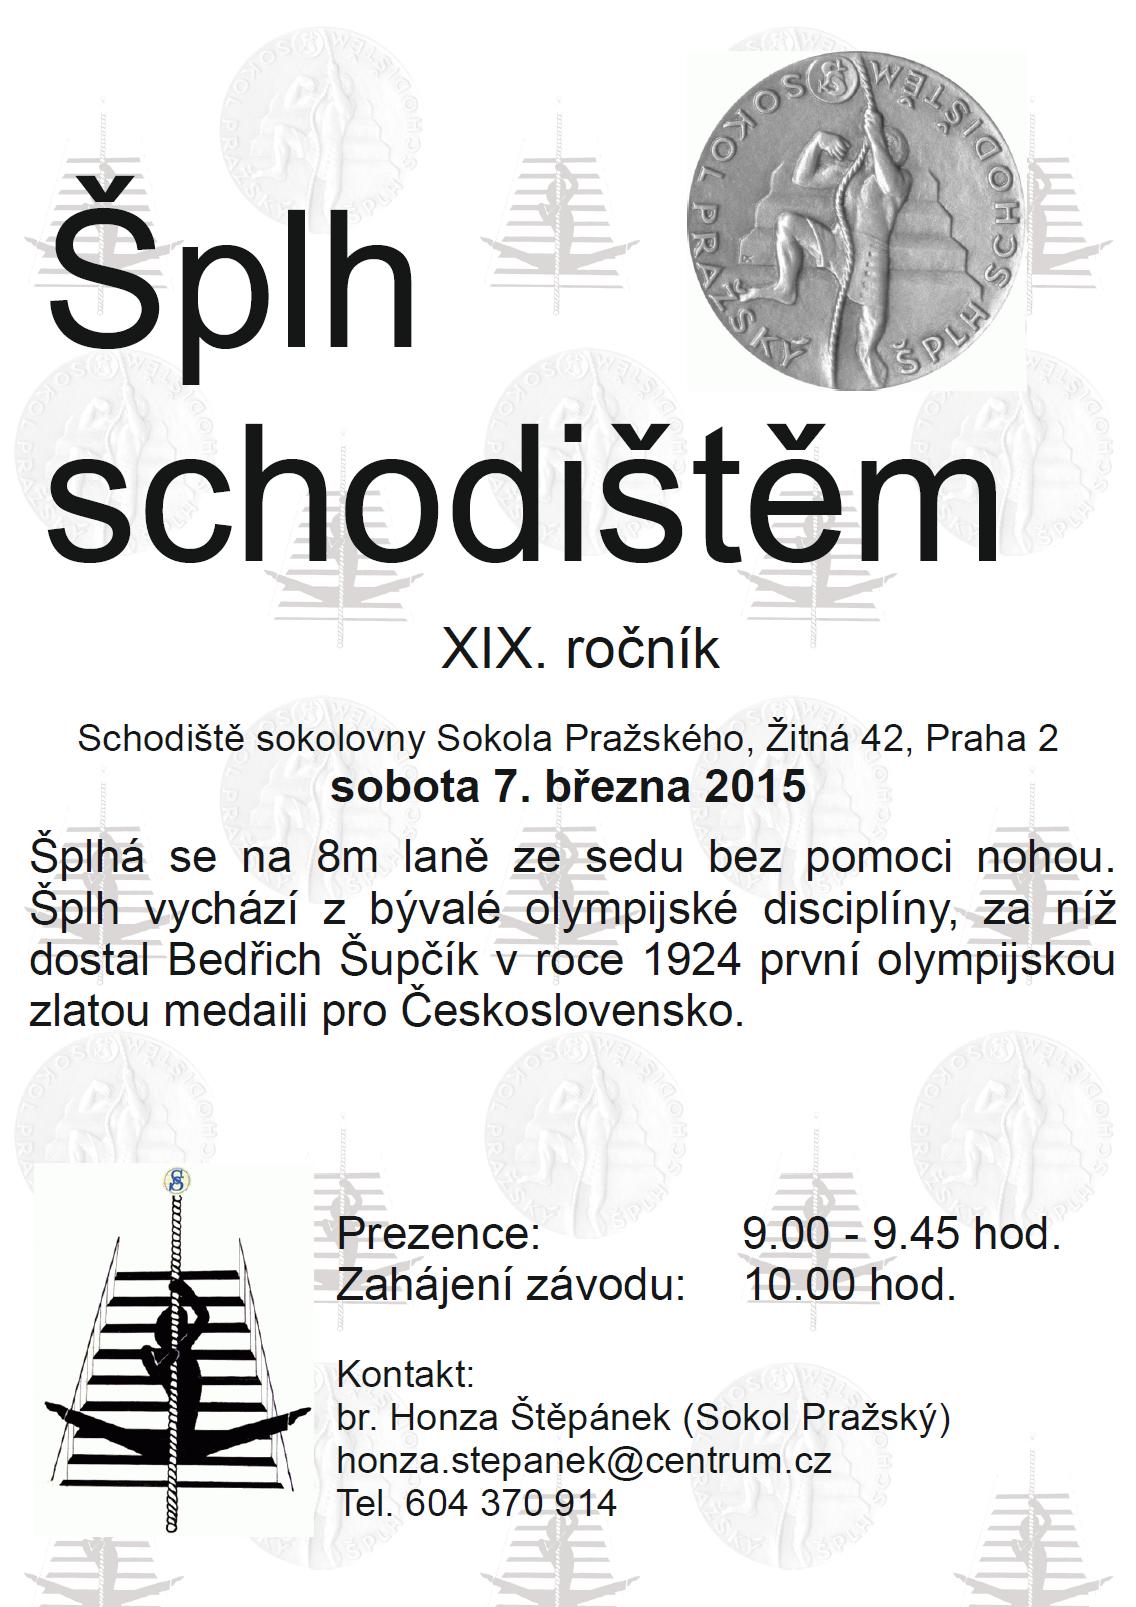 VC Šplh schodištěm 2015 - plakát